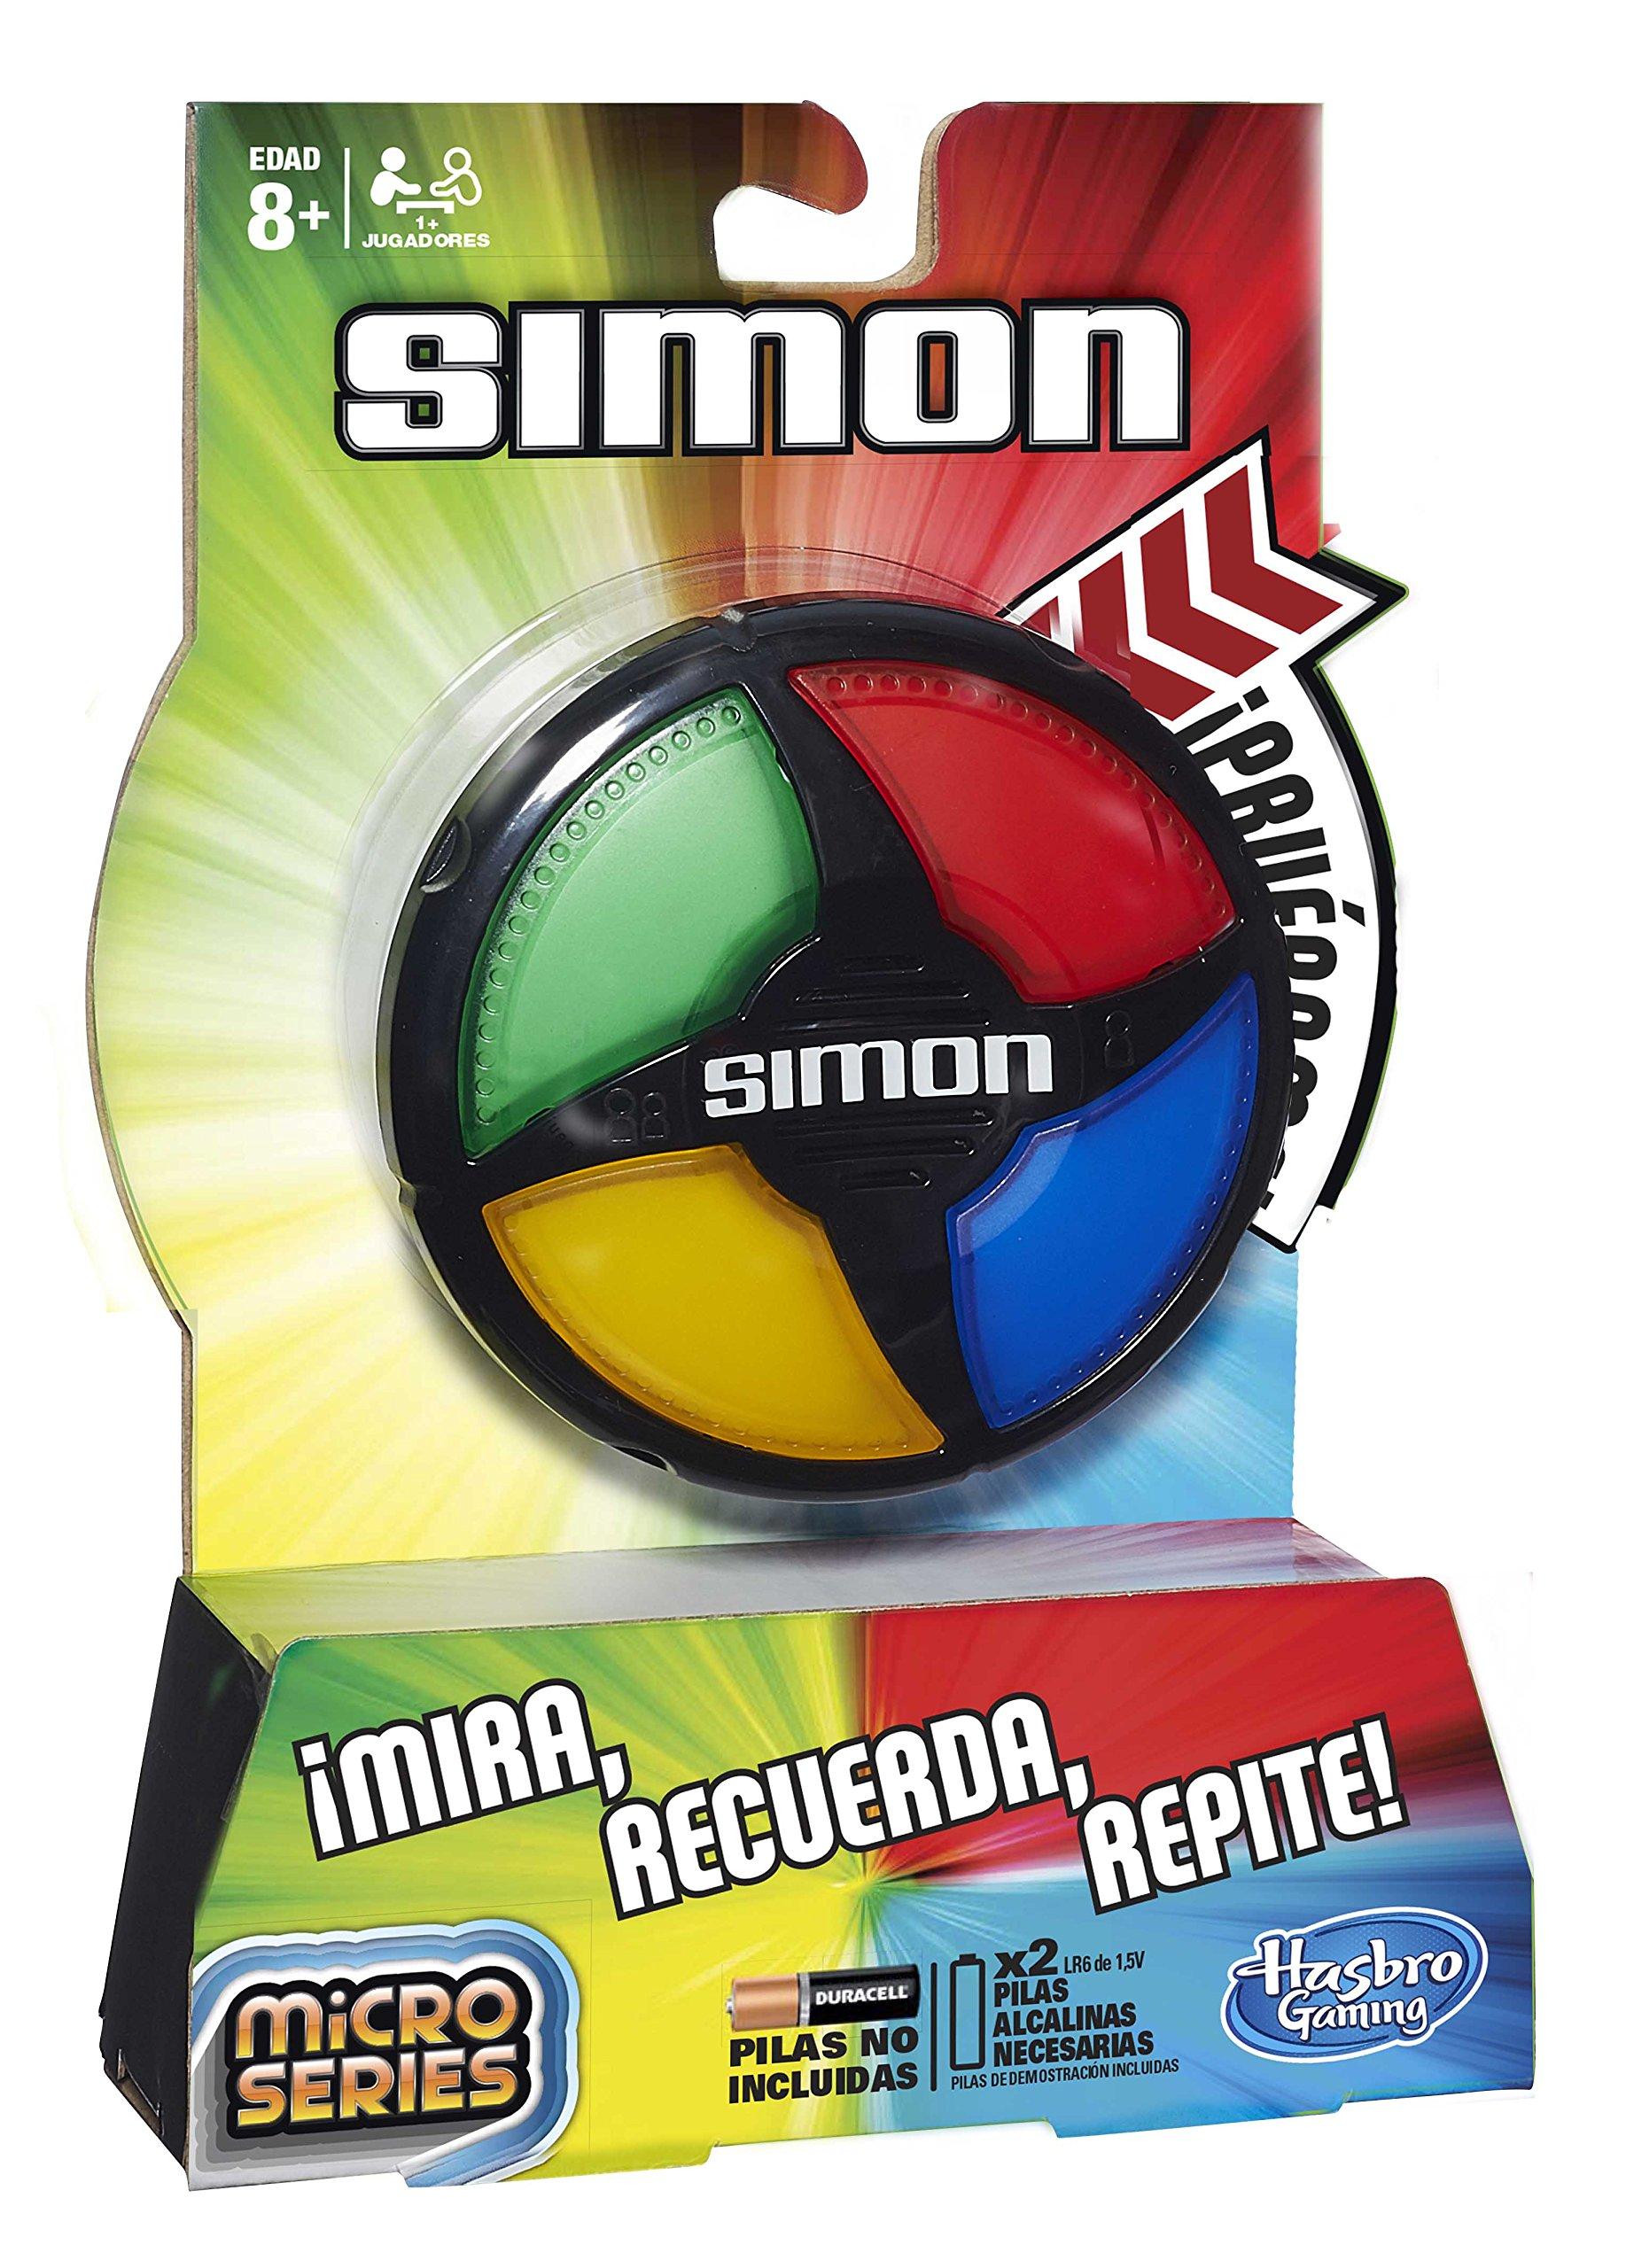 Hasbro Gaming - Simón Micro Series (B0640): Amazon.es: Juguetes y juegos